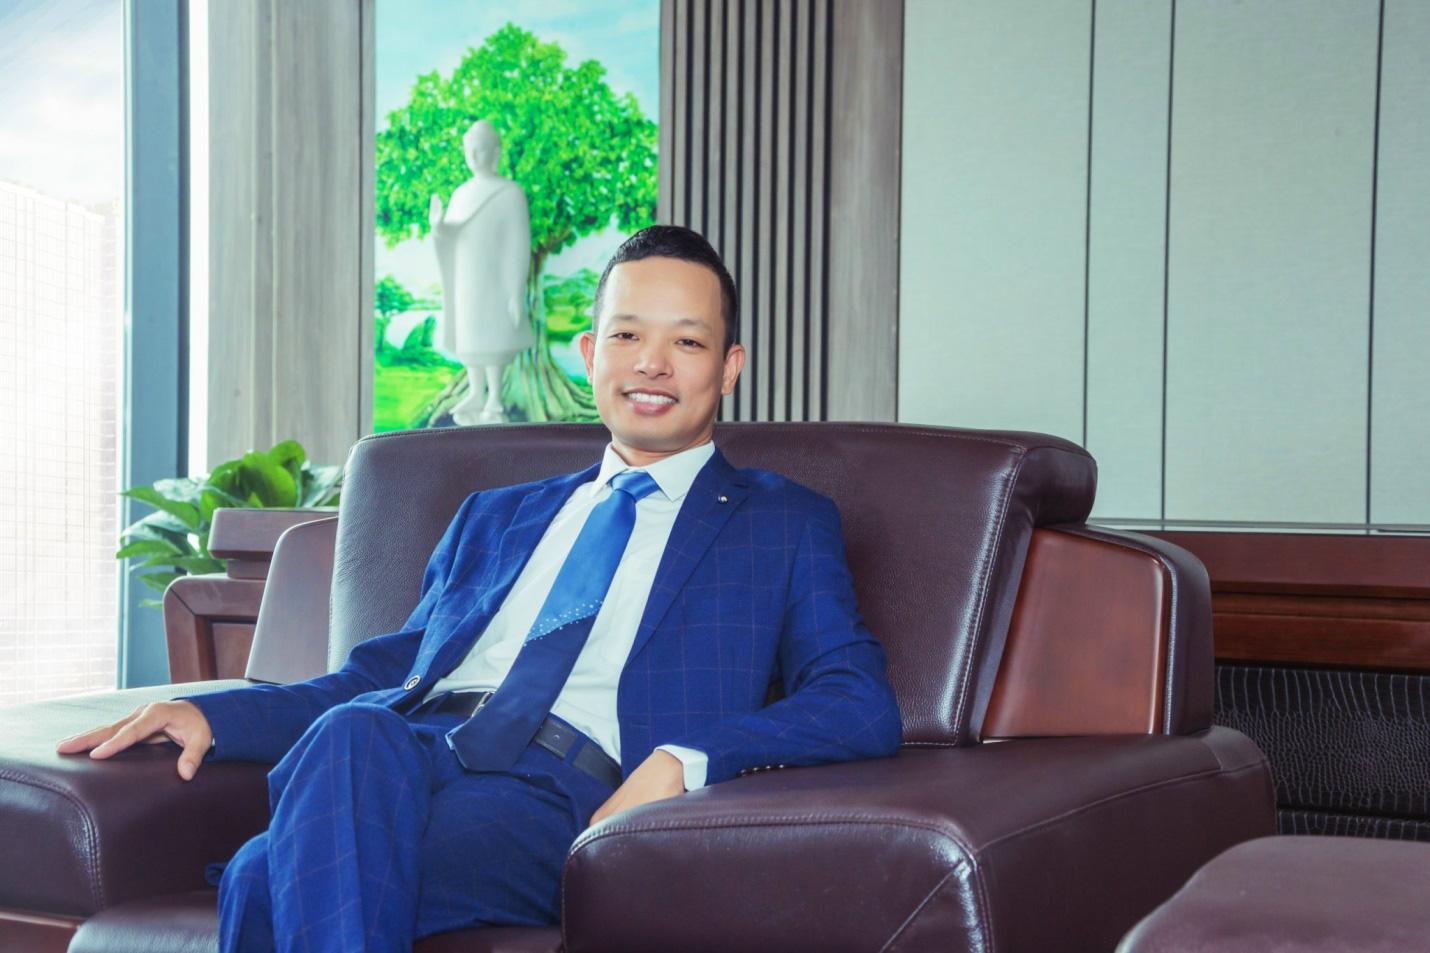 Kienlongbank bổ sung 2 thành viên HĐQT nhiệm kỳ 2018 – 2022 - Ảnh 2.